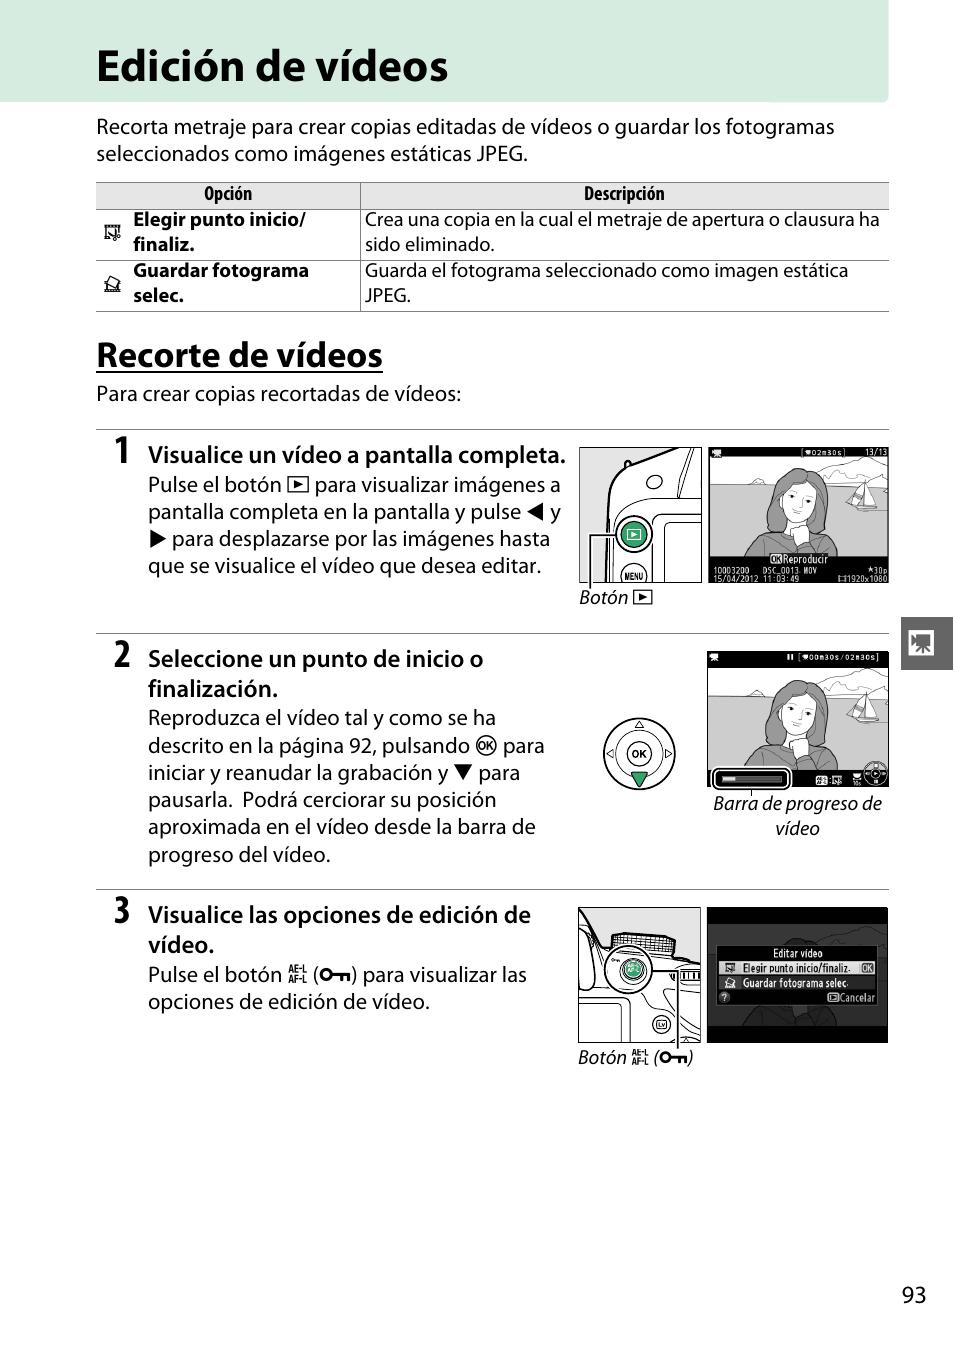 Edición de vídeos, Recorte de vídeos | Nikon D3200 Manual del ...